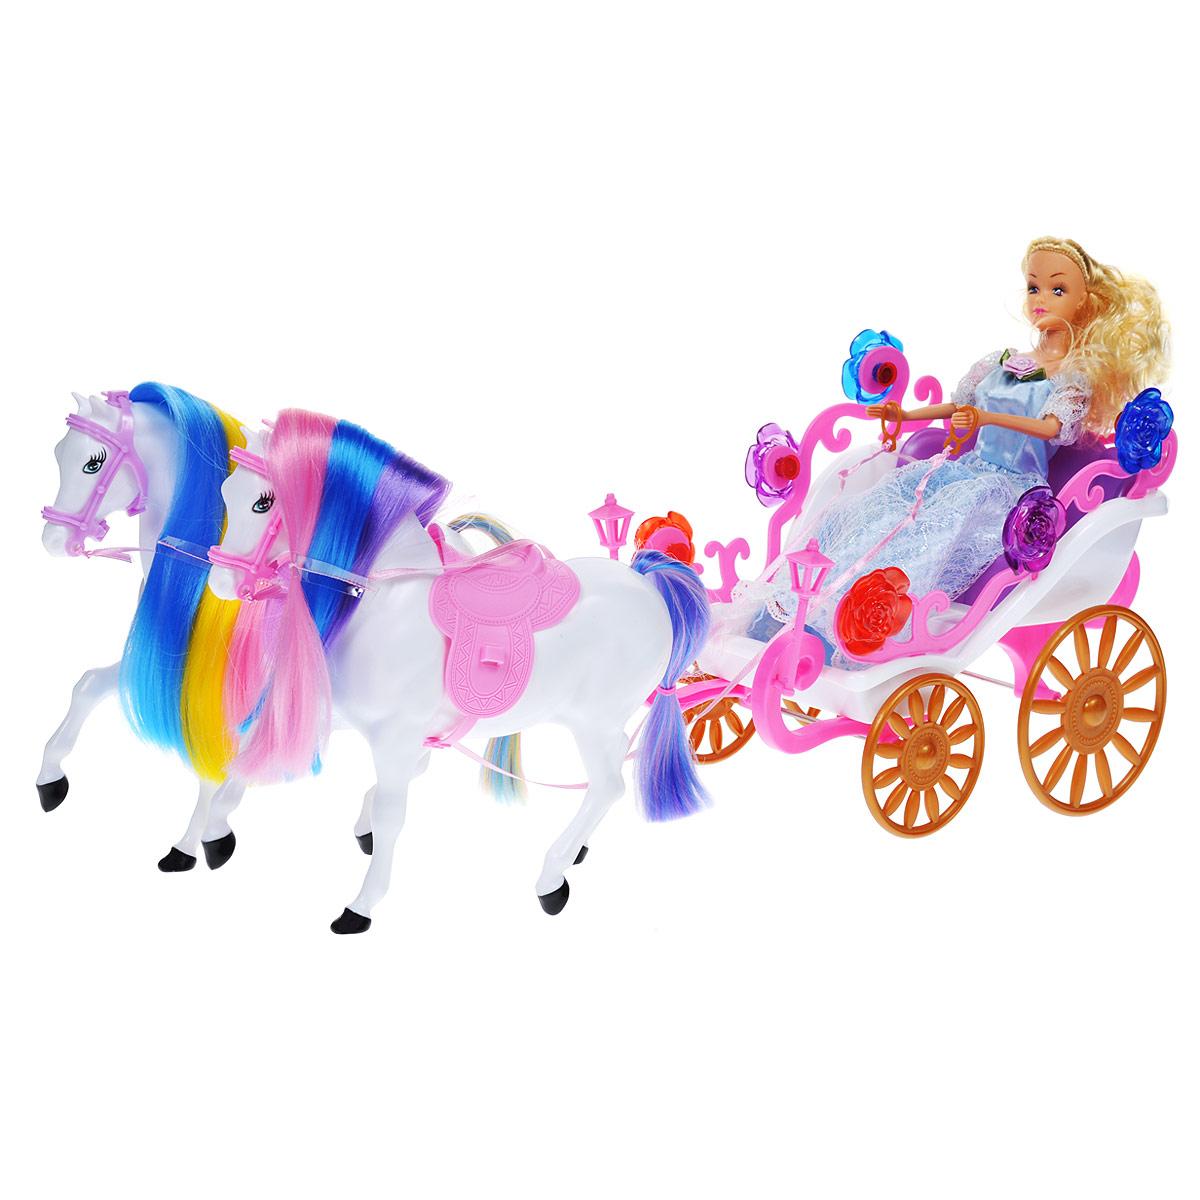 WSBD World Игровой набор с куклой Horses&Carriage1112Этот игровой набор позволит вашей малышке окунуться в сказочный мир. В него входит повозка, оформленная декоративными элементами, две лошадки, очаровательная куколка, пара туфелек и аксессуары для игры: расческа, гребешок и зеркальце с ручкой. У лошадок длинные цветные гривы и хвосты. Куколка со светлыми волосами одета в великолепное нежно-голубое платье. Порадуйте вашего ребенка таким замечательным подарком!